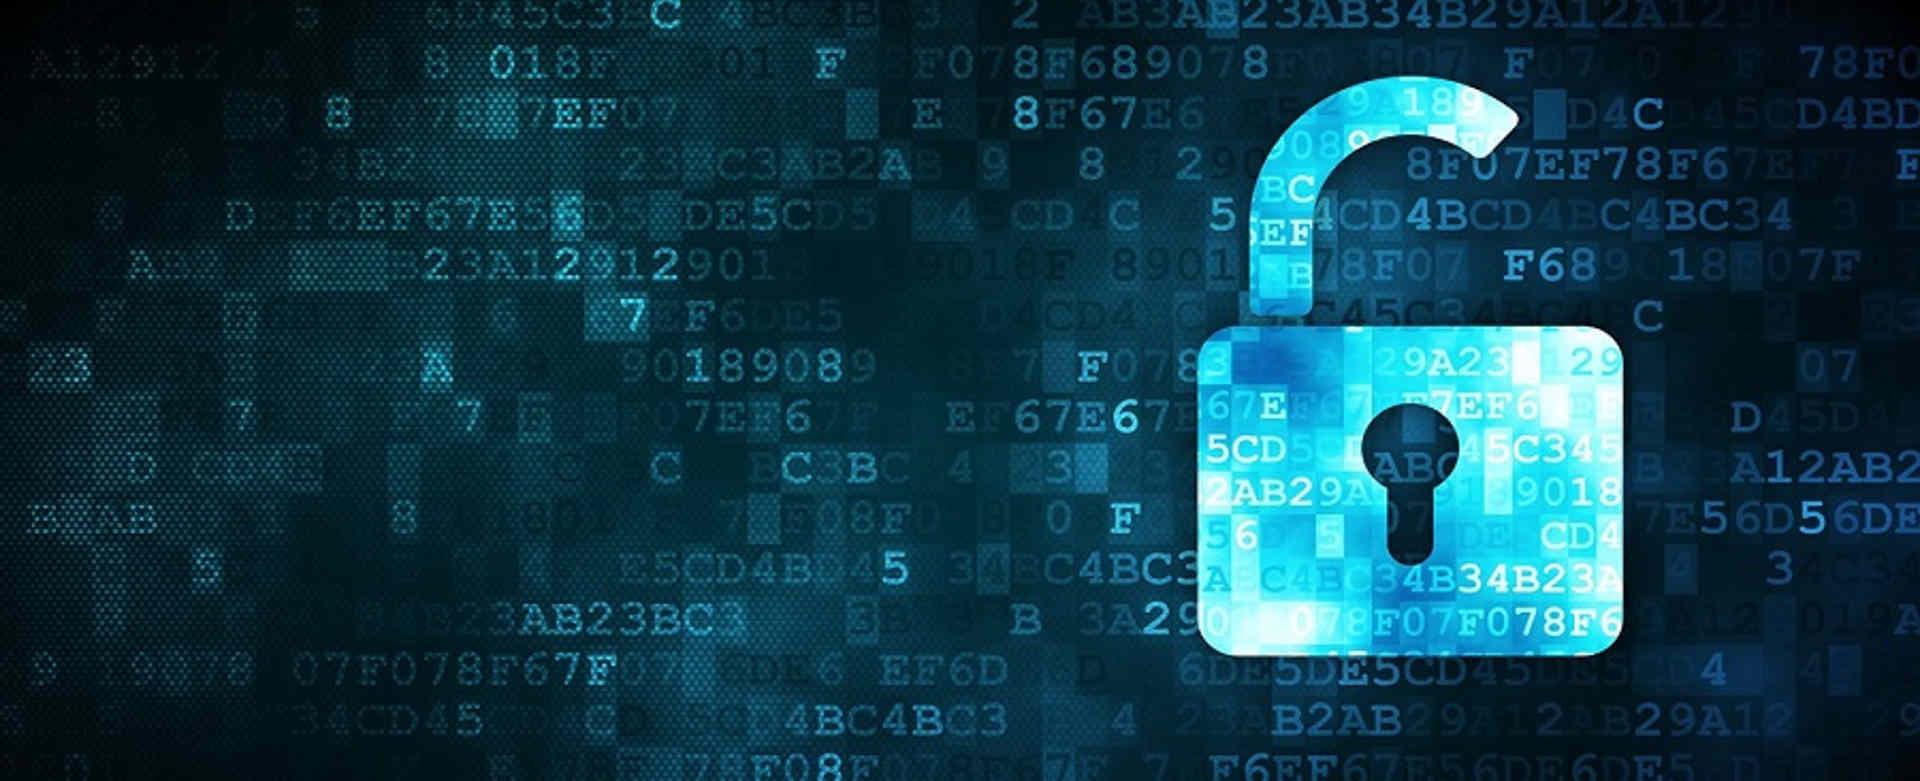 Cómo detectar un ataque a tu sitio web y como corregirlo